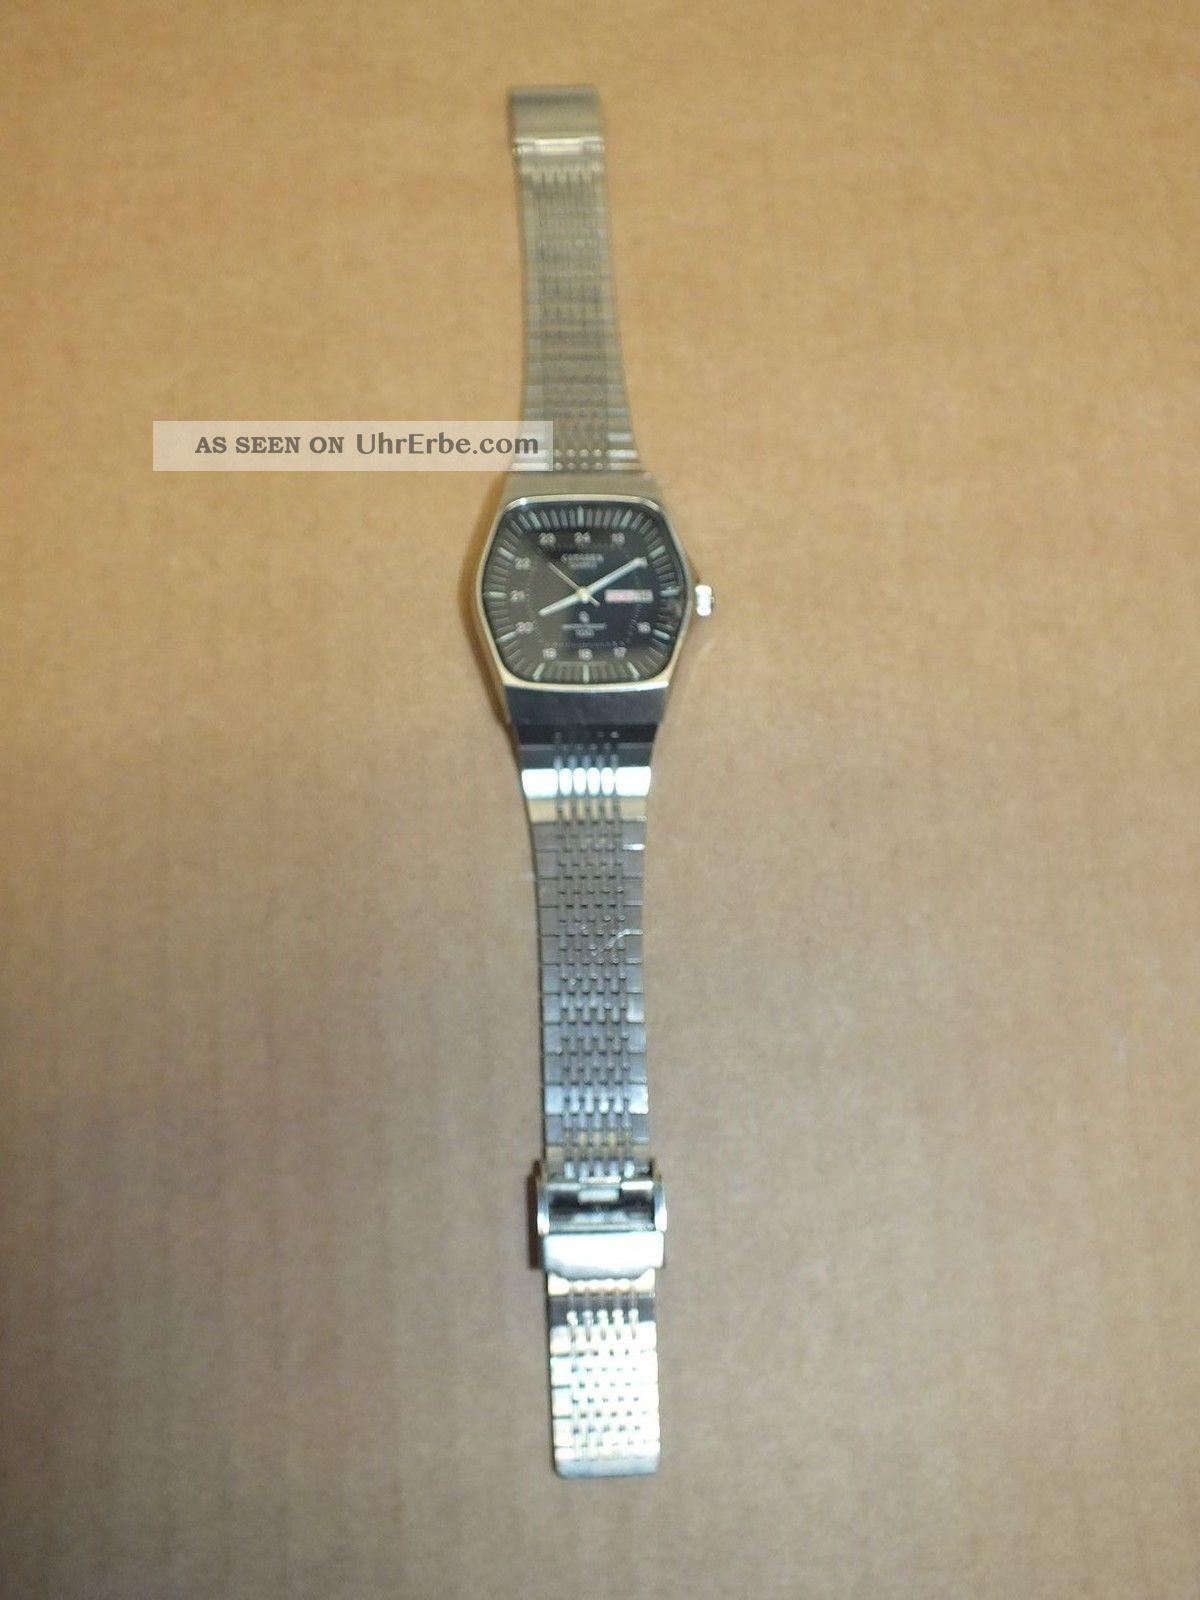 Citizen Herren Armbanduhr,  Metallarmband,  Datumsanzeige,  Quartz,  Water Resist Armbanduhren Bild